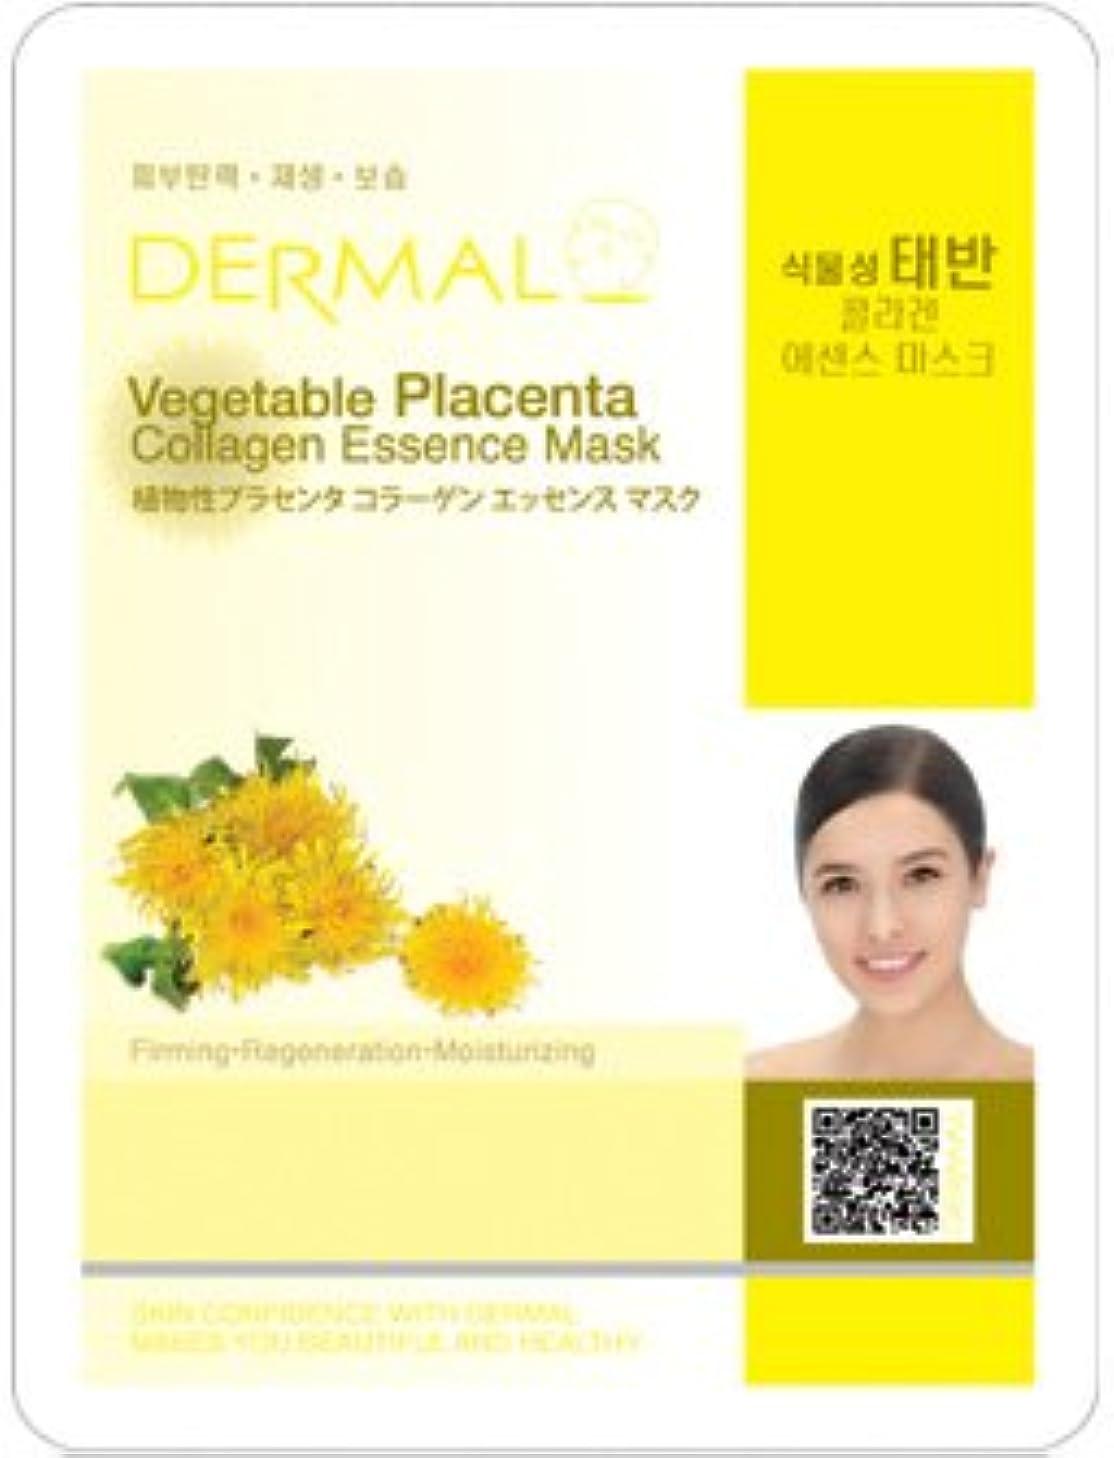 振り返る韓国語おもしろいシートマスク 植物性プラセンタ 100枚 セット ダーマル(Dermal) フェイス パック